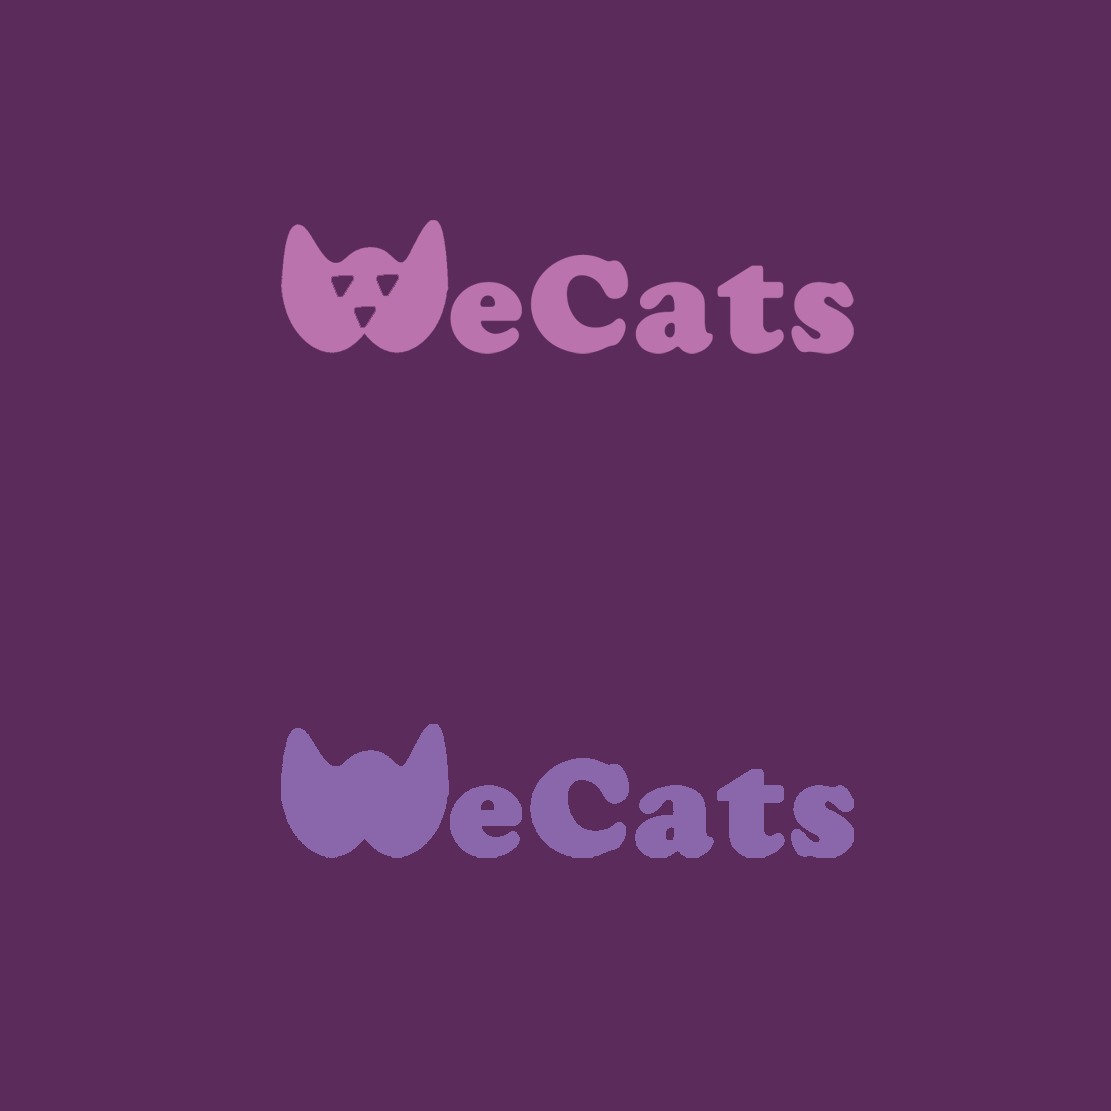 Создание логотипа WeCats фото f_7695f1b867b1e463.png